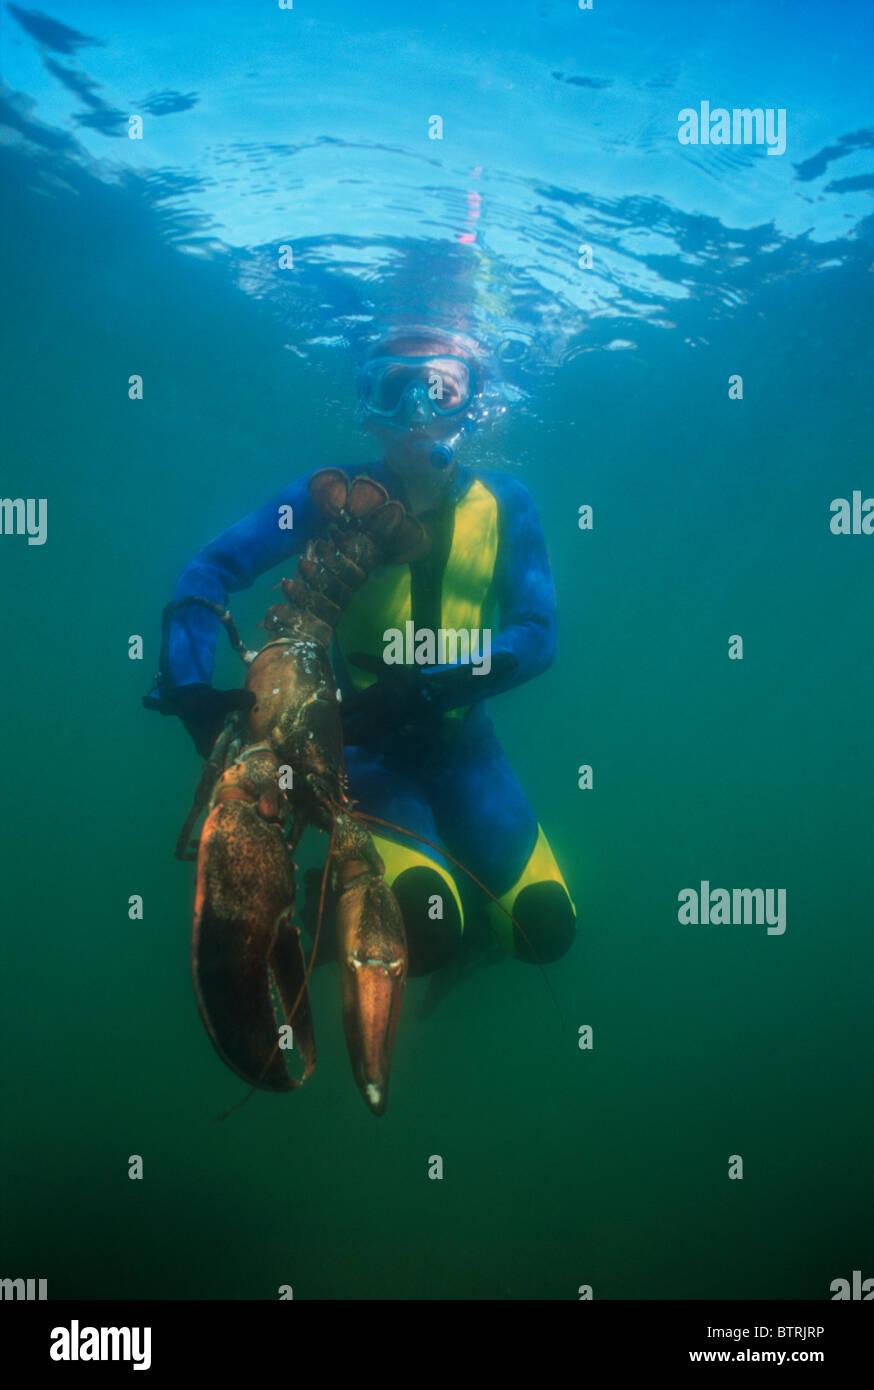 Nine year old catches 15 pound Giant Lobster (Homarus americanus). Gloucester, Massachusetts - Atlantic Ocean - - Stock Image